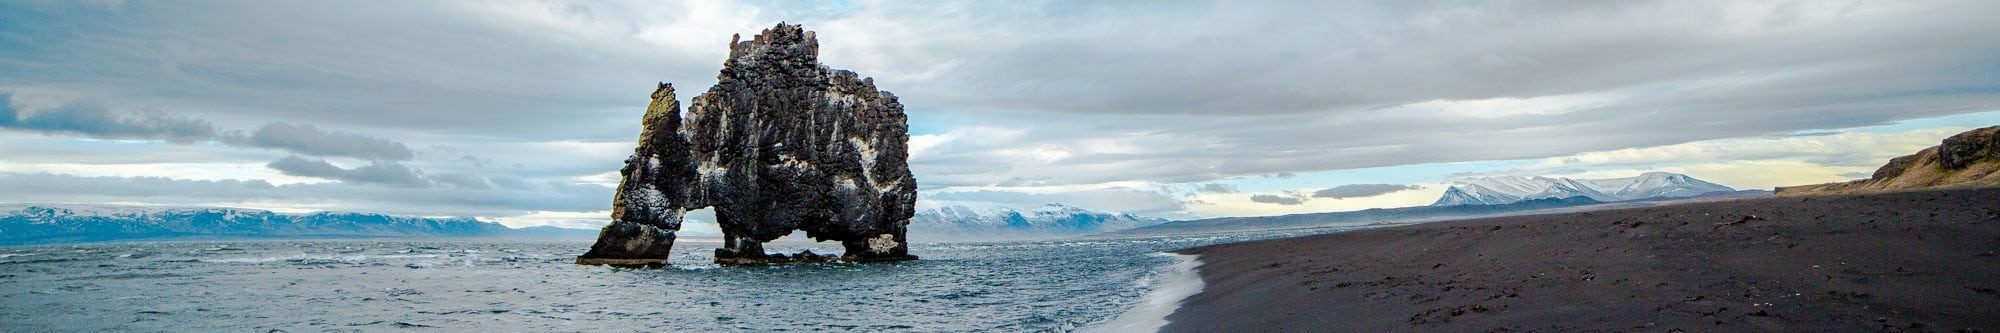 Hvitserkur Sea Stack Iceland